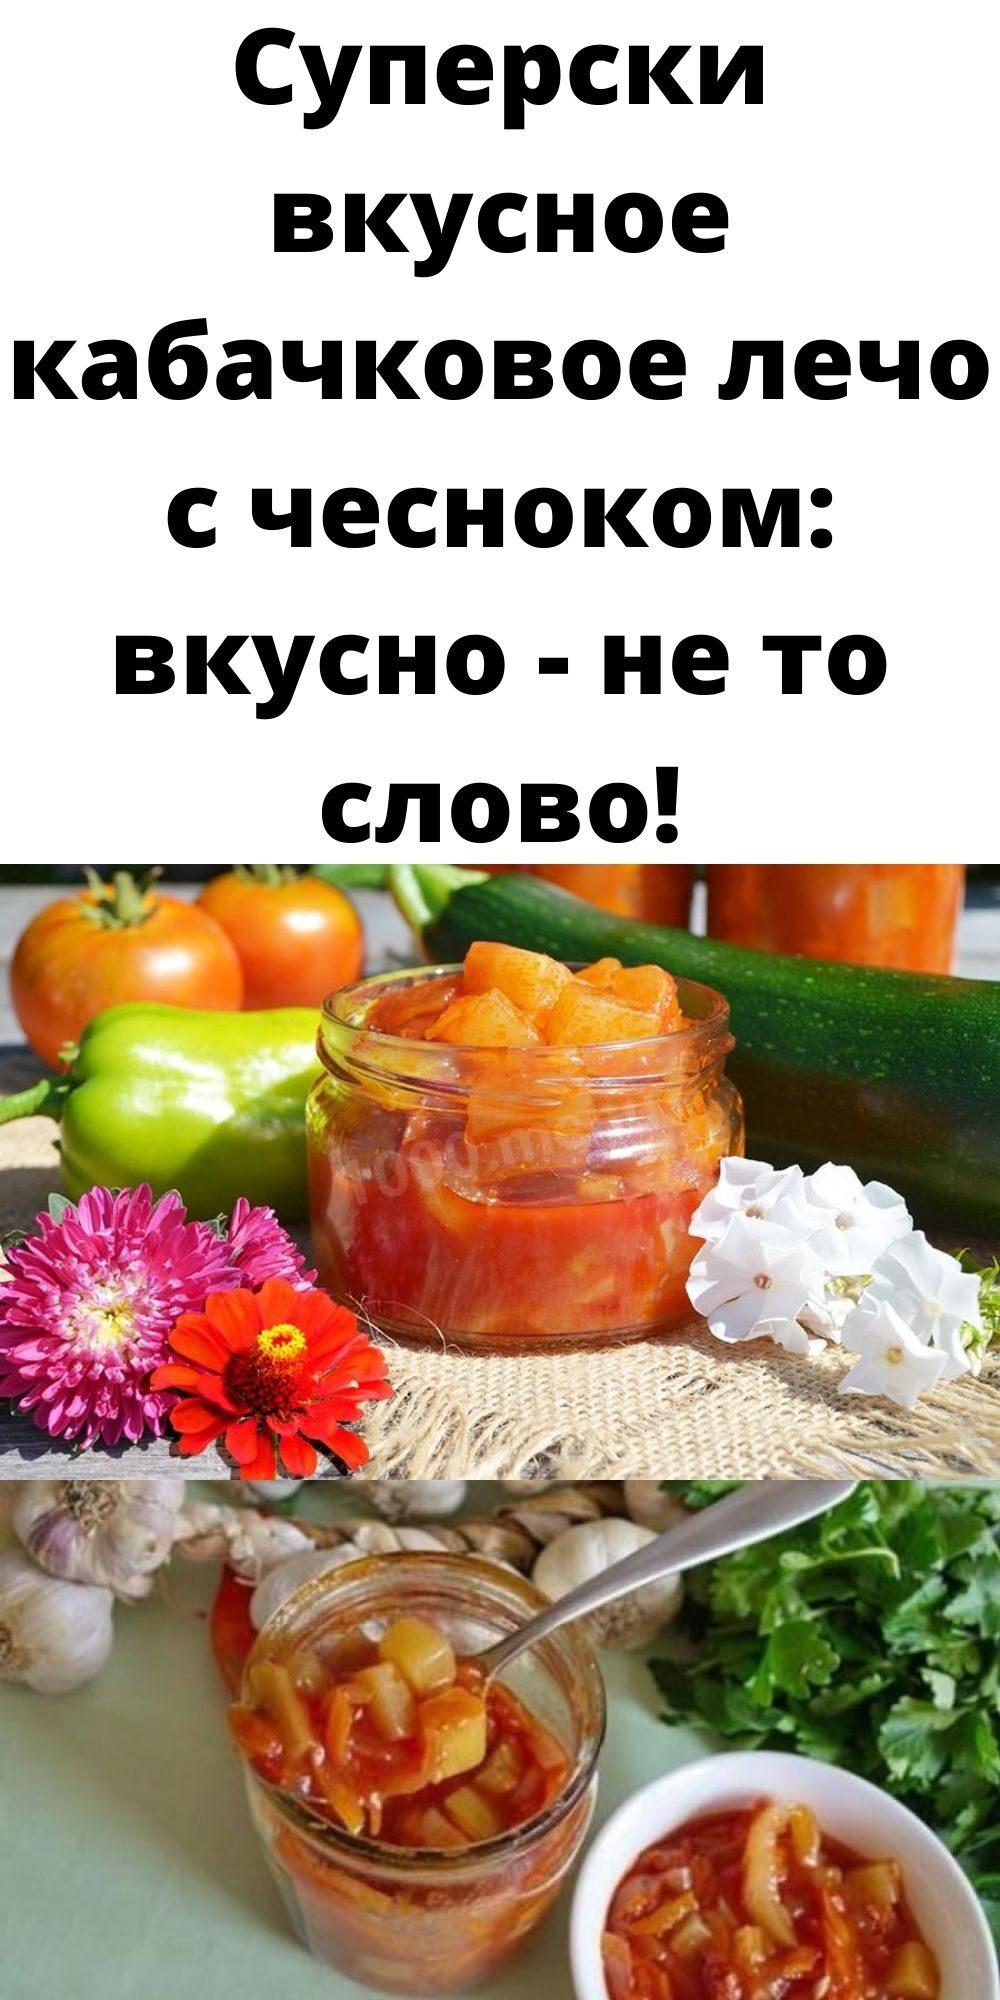 superski-vkusnoe-kabachkovoe-lecho-s-chesnokom-vkusno-ne-to-slovo-2562730